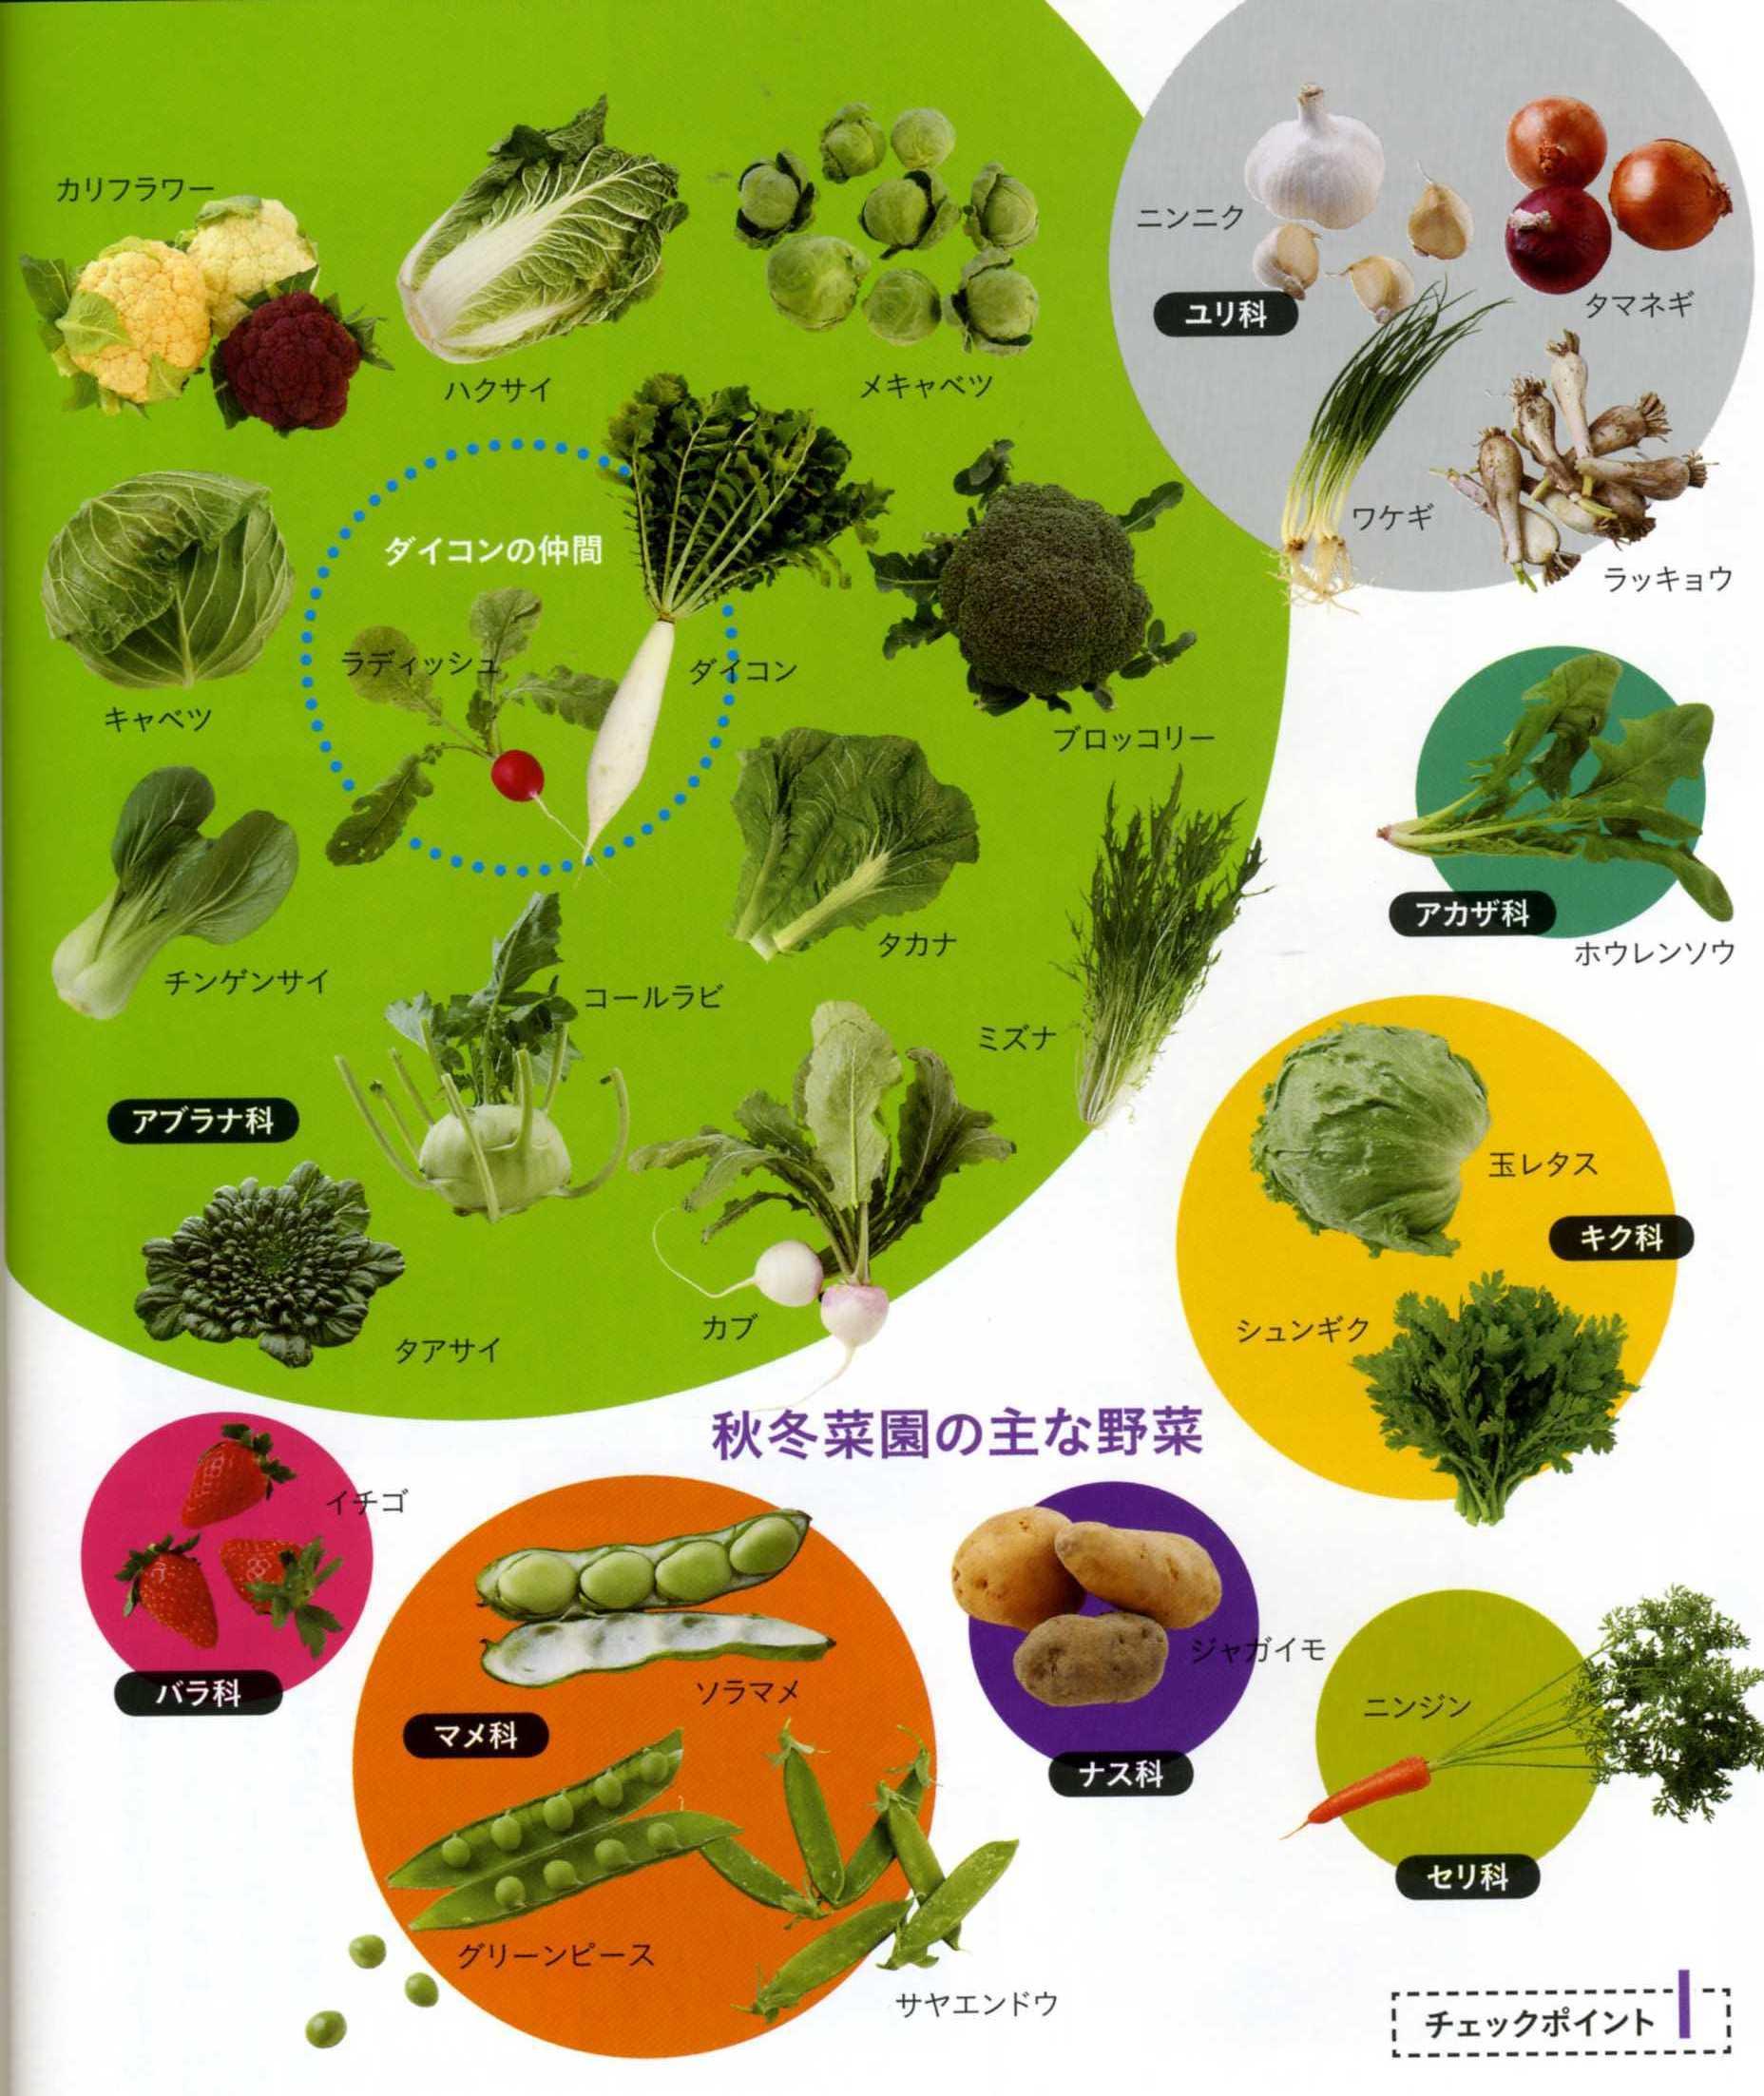 「アブラナ科 野菜」の画像検索結果